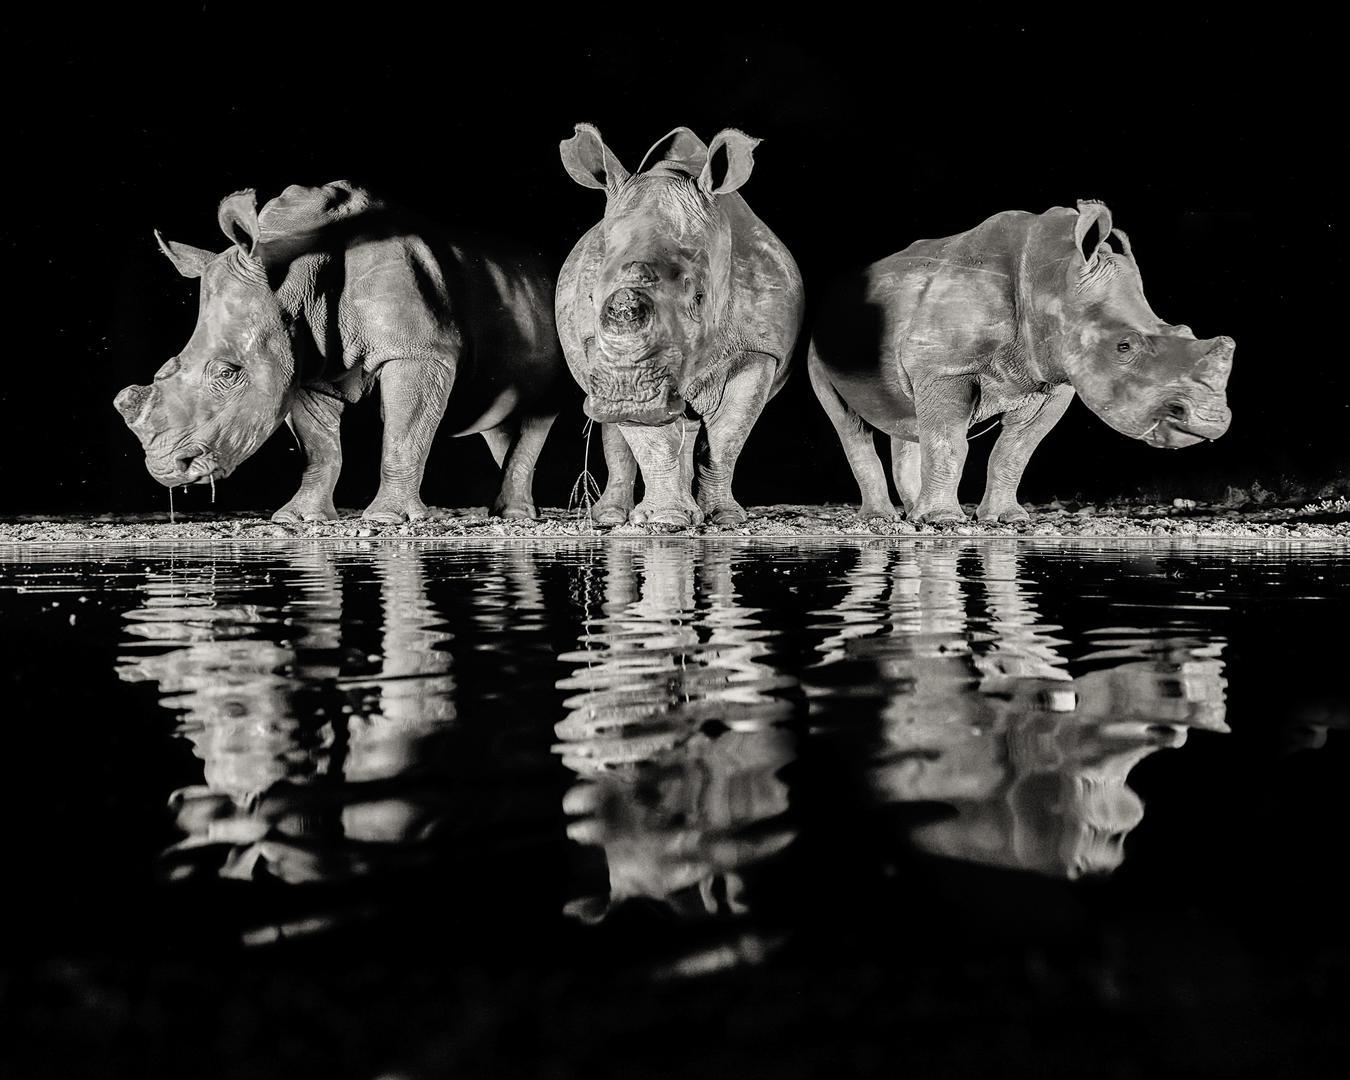 Три белых носорога № 2, © Алан Смит, 2-е место, Фотоконкурс «Фотограф года от Digital Camera»